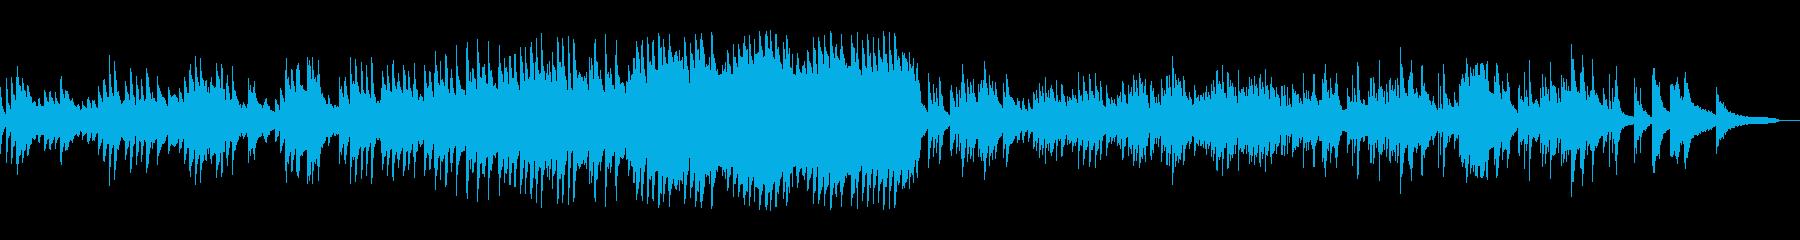 感動的でやさしさ溢れるソロピアノの再生済みの波形